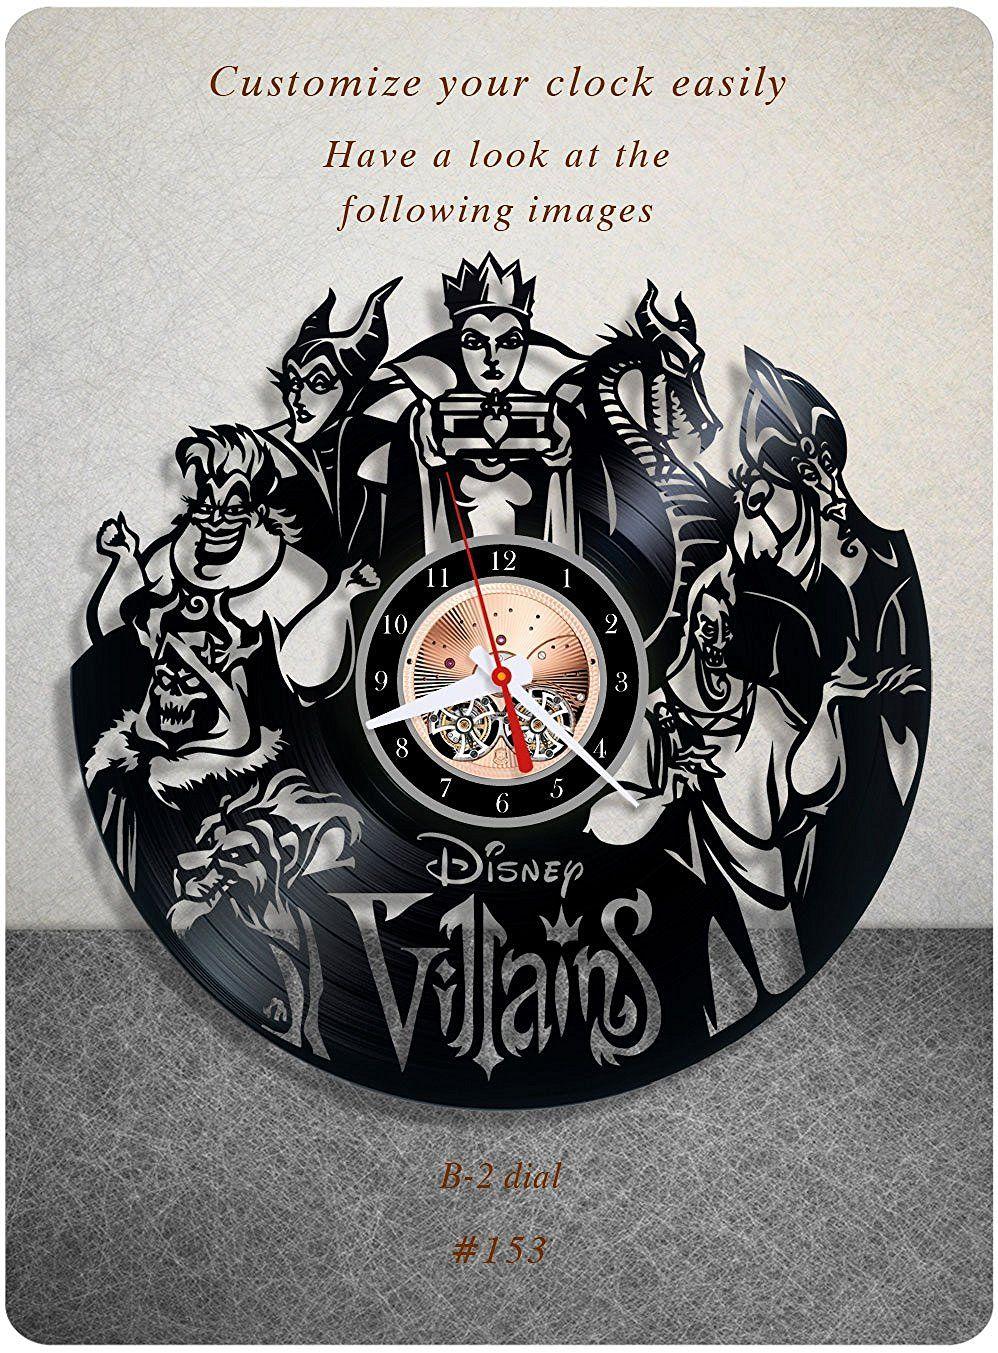 Amazon disney villains vinyl clock vinyl wall clock vinyl amazon disney villains vinyl clock vinyl wall clock vinyl record clock amipublicfo Image collections